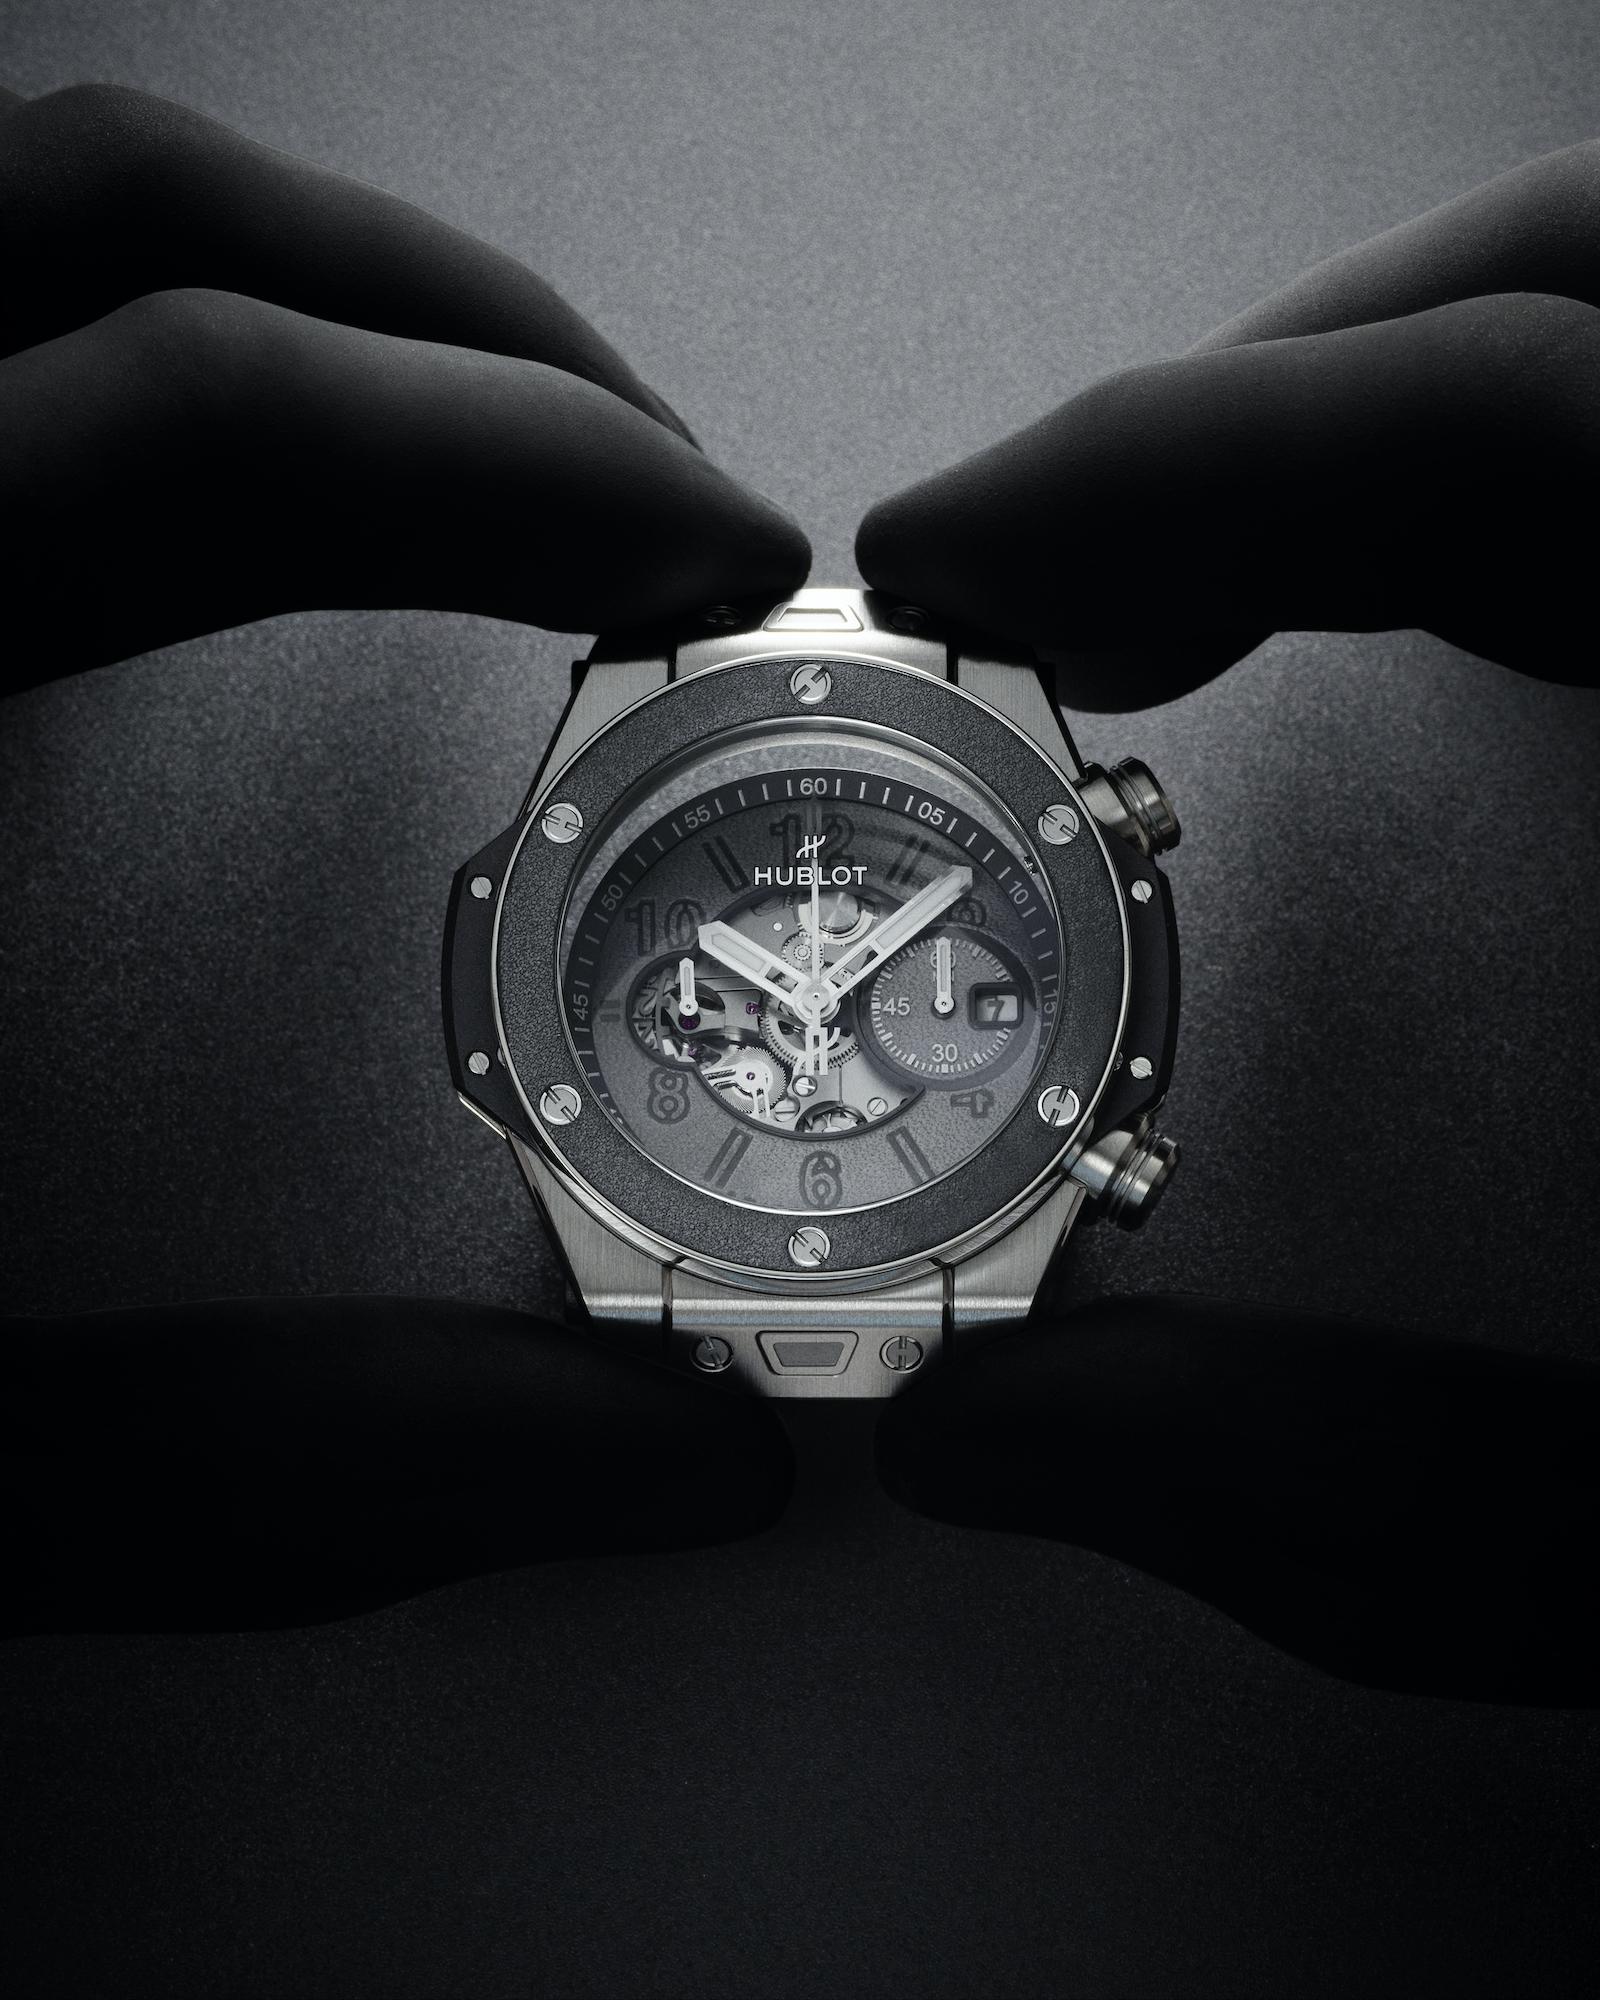 Hublot Big Bang Unico Berluti Aluminio 421.NX.0500.VR.BER21 Savoir Faire Colocación caja